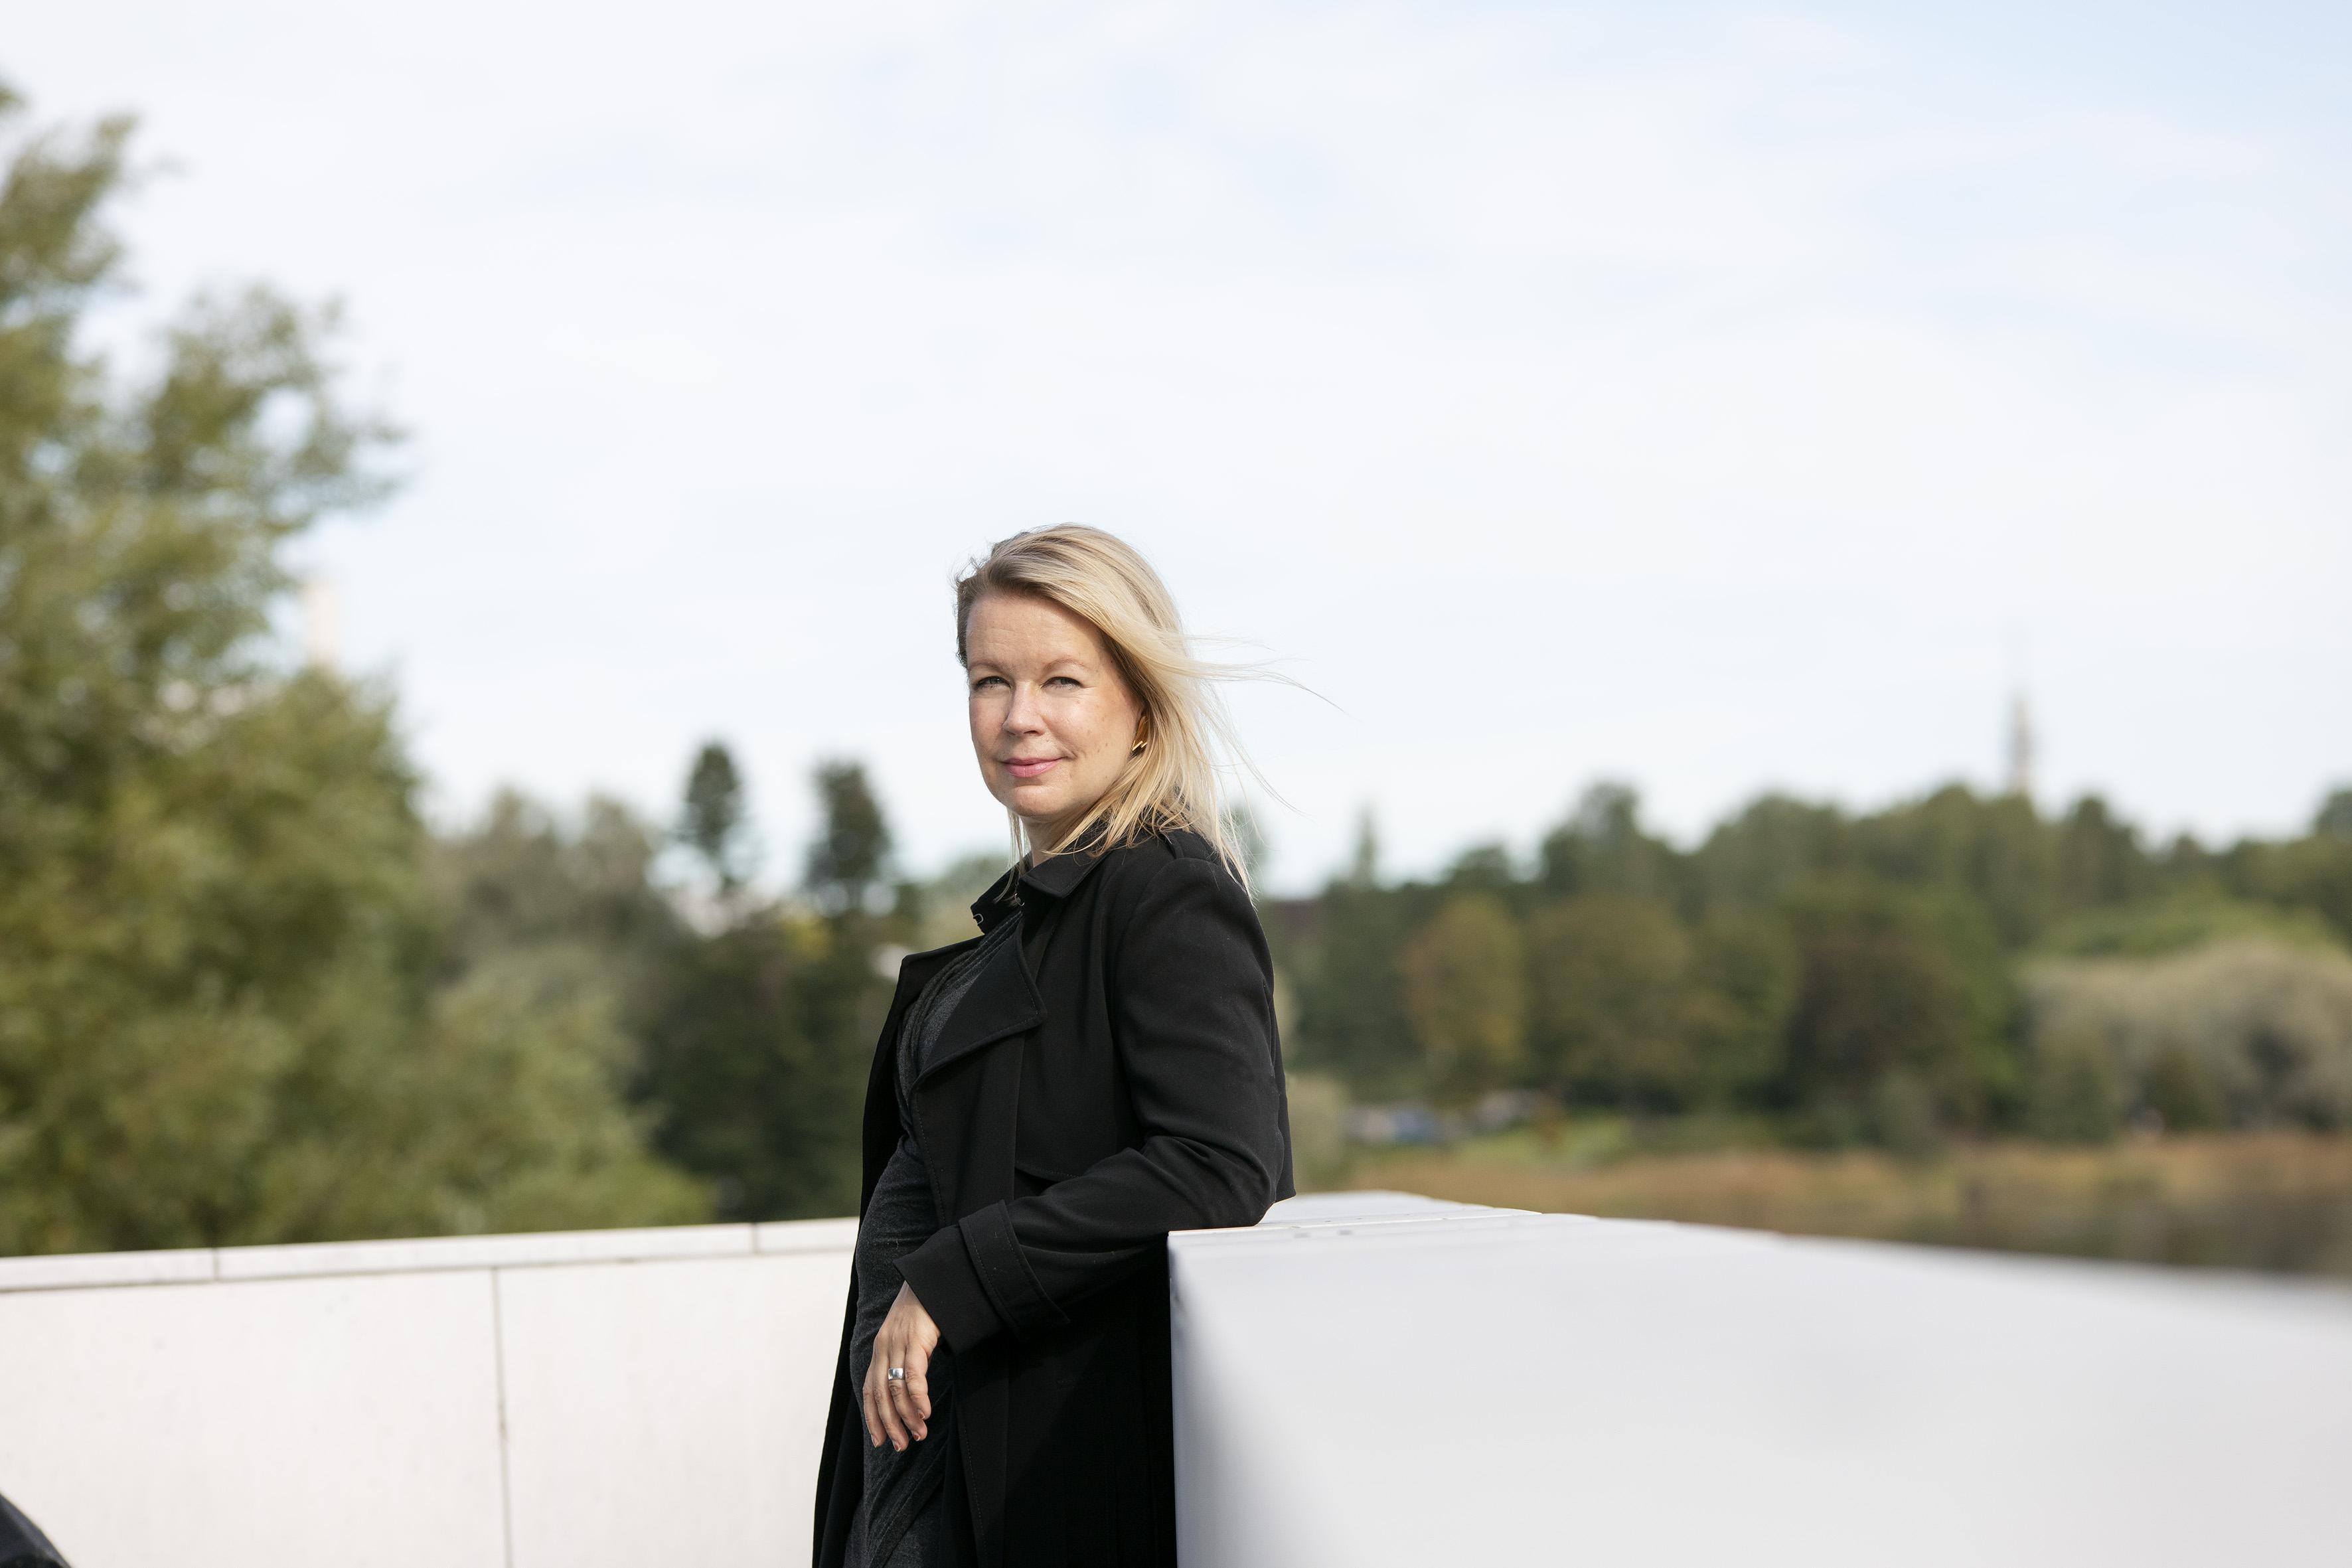 Ulkokuvassa Elina Hirvonen nojaa valkoiseen kaiteeseen, hän katsoo kameraan ja hiukset hulmuaa tuulessa. Taustalla sininen taivas, pilviä ja puita.